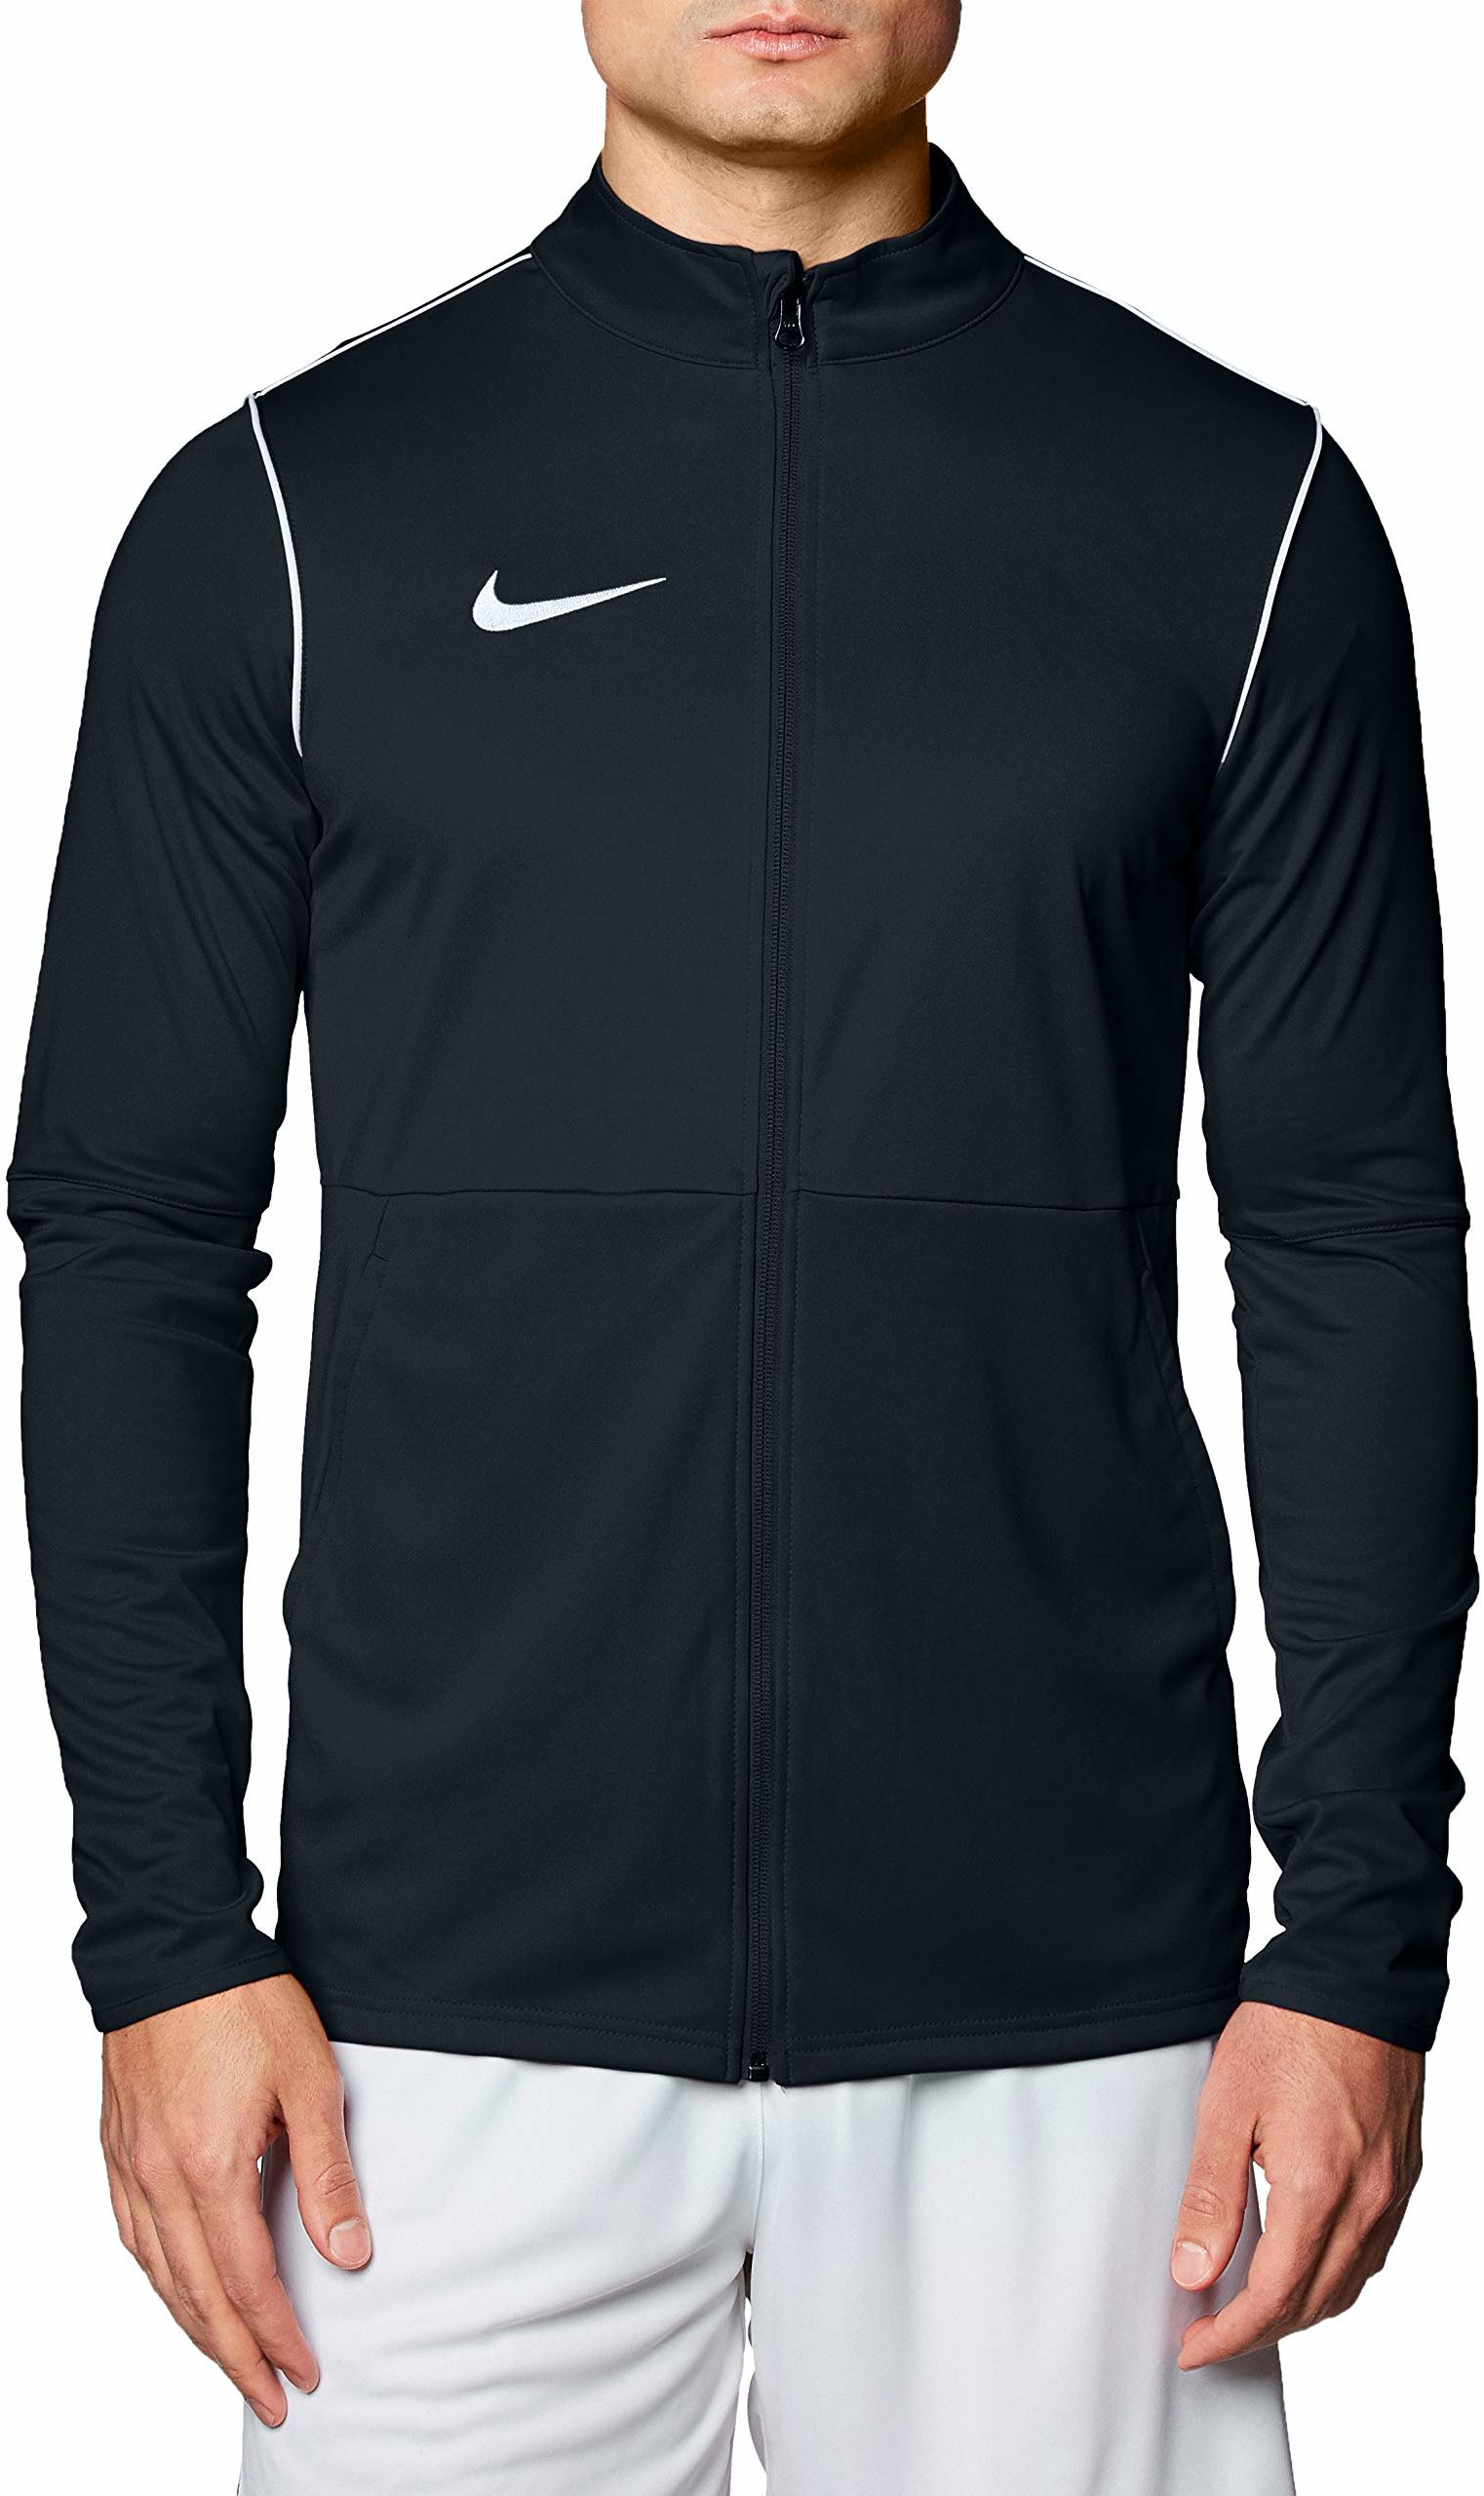 Nike męska kurtka sportowa M NK DRY PARK20 TRK JKT K, czarny/biały/biały, S